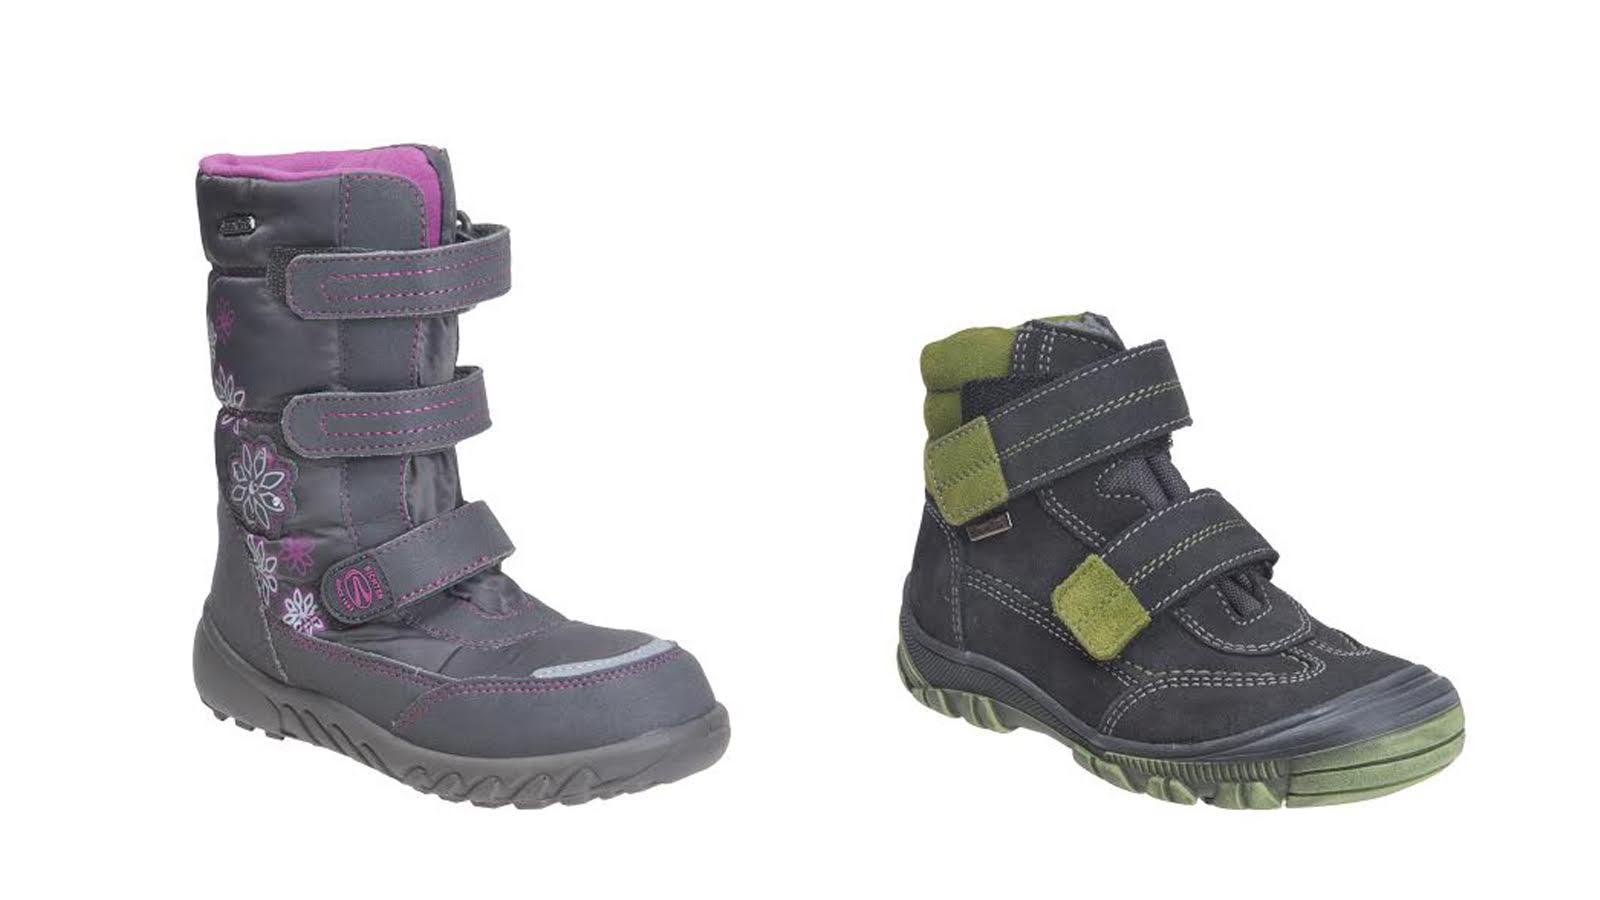 Soutěžte - Soutěžte s DETSKEBOTY.CZ o zimní boty RICHTER  0270b3d047